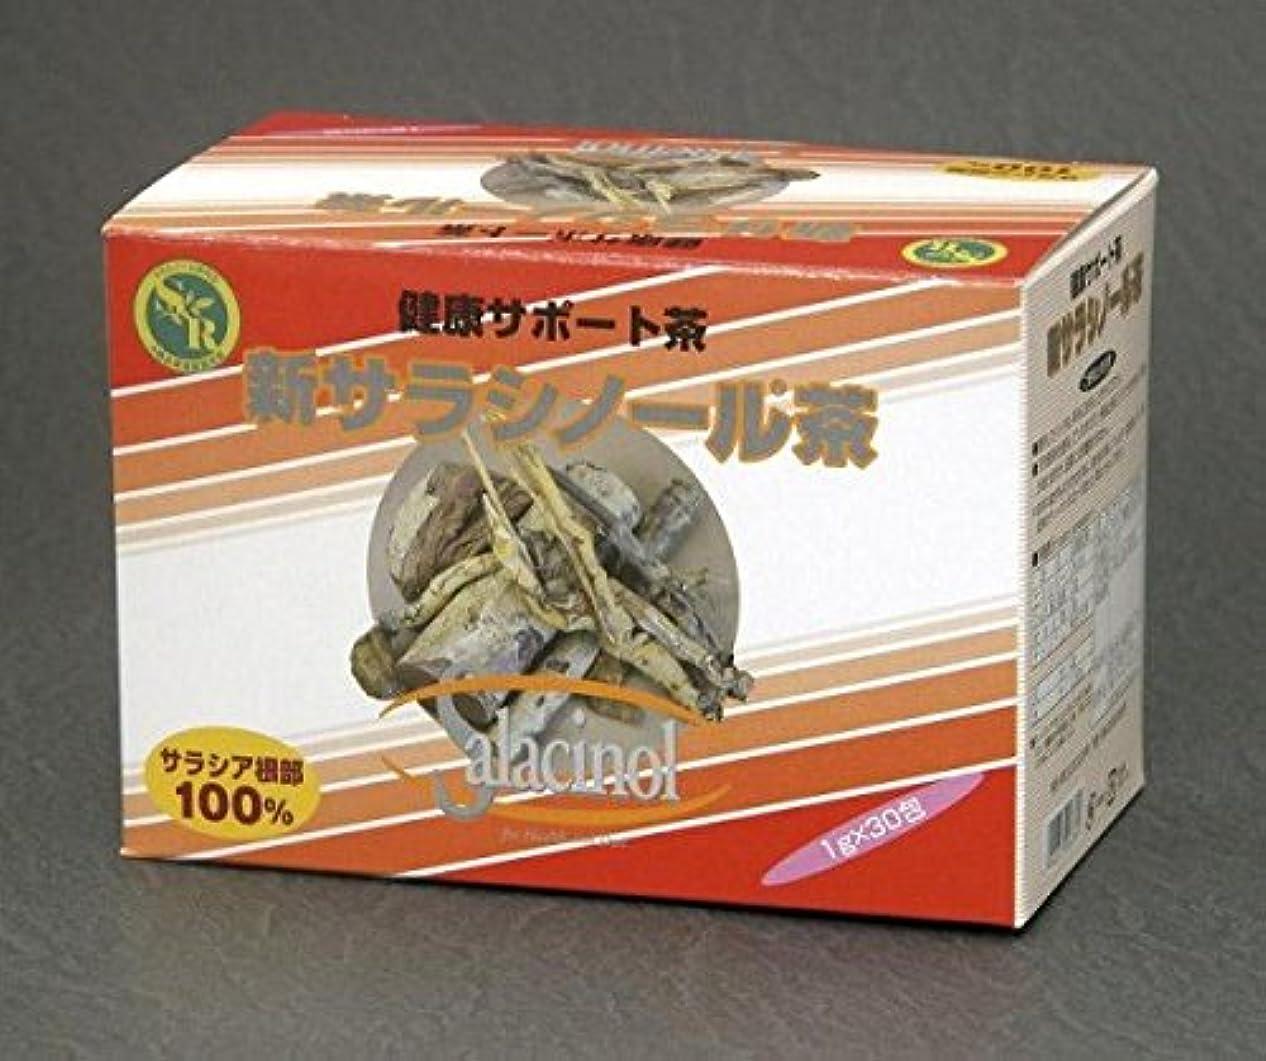 噛むかわす強盗新サラシノール茶 1×30包